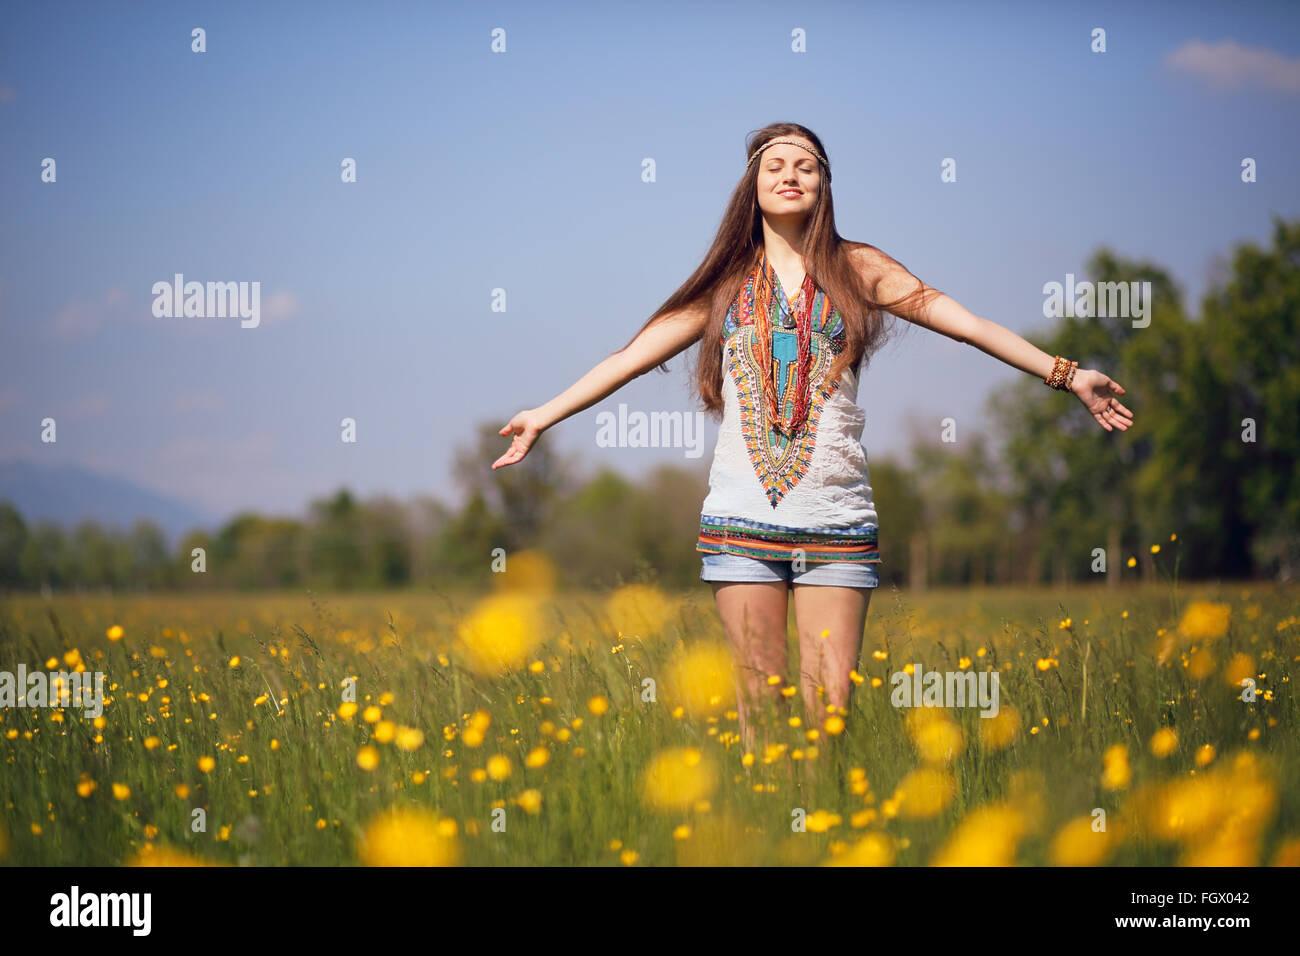 Souriant et libre en été hippie prairie. Effet photo Vintage Photo Stock